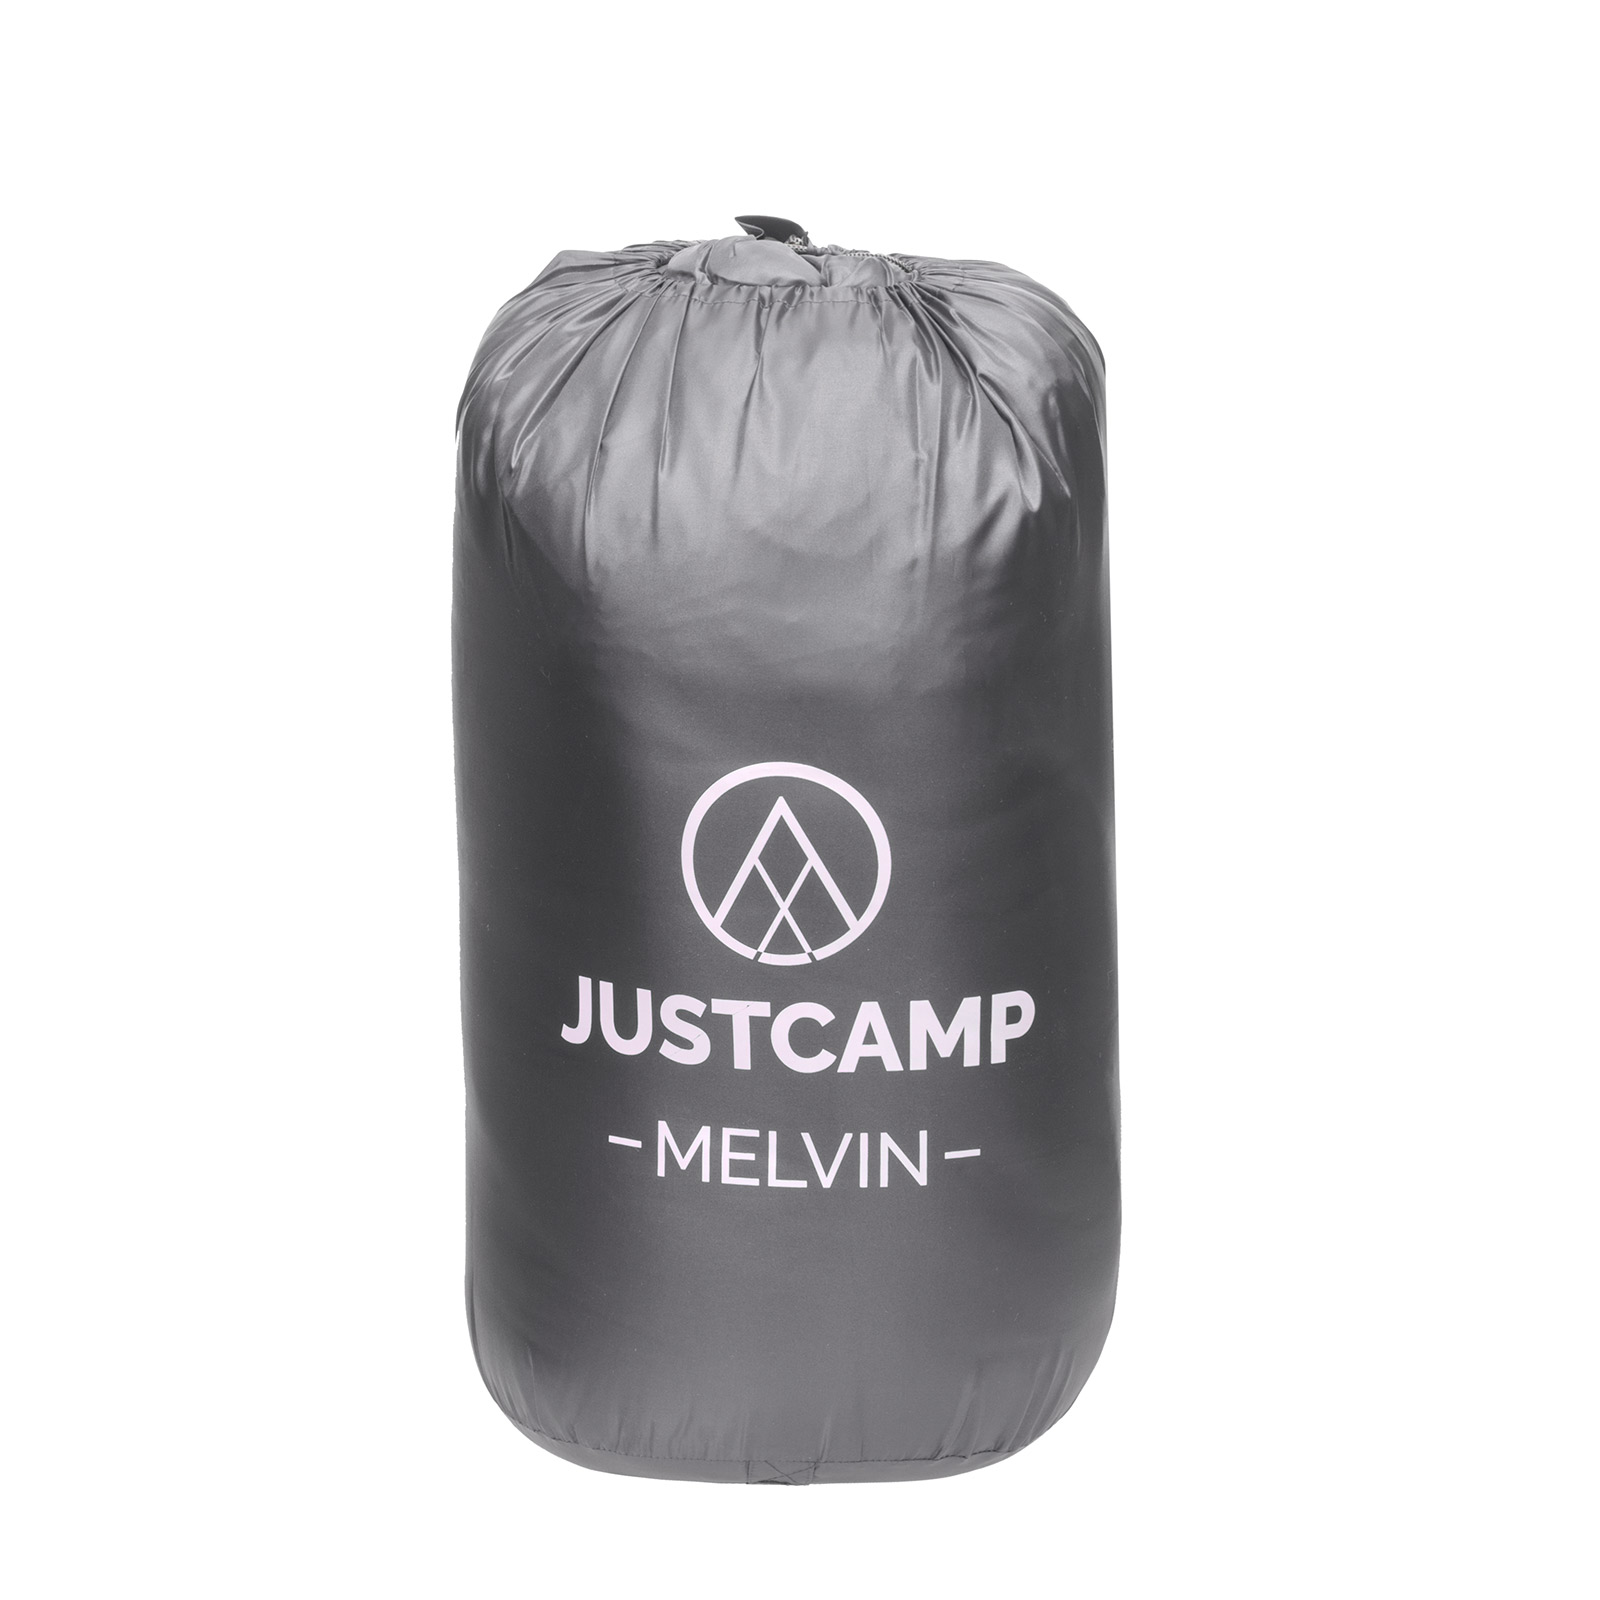 Deckenschlafsack JUSTCAMP Melvin Schlafsack Erwachsene Camping Schlafsack grau